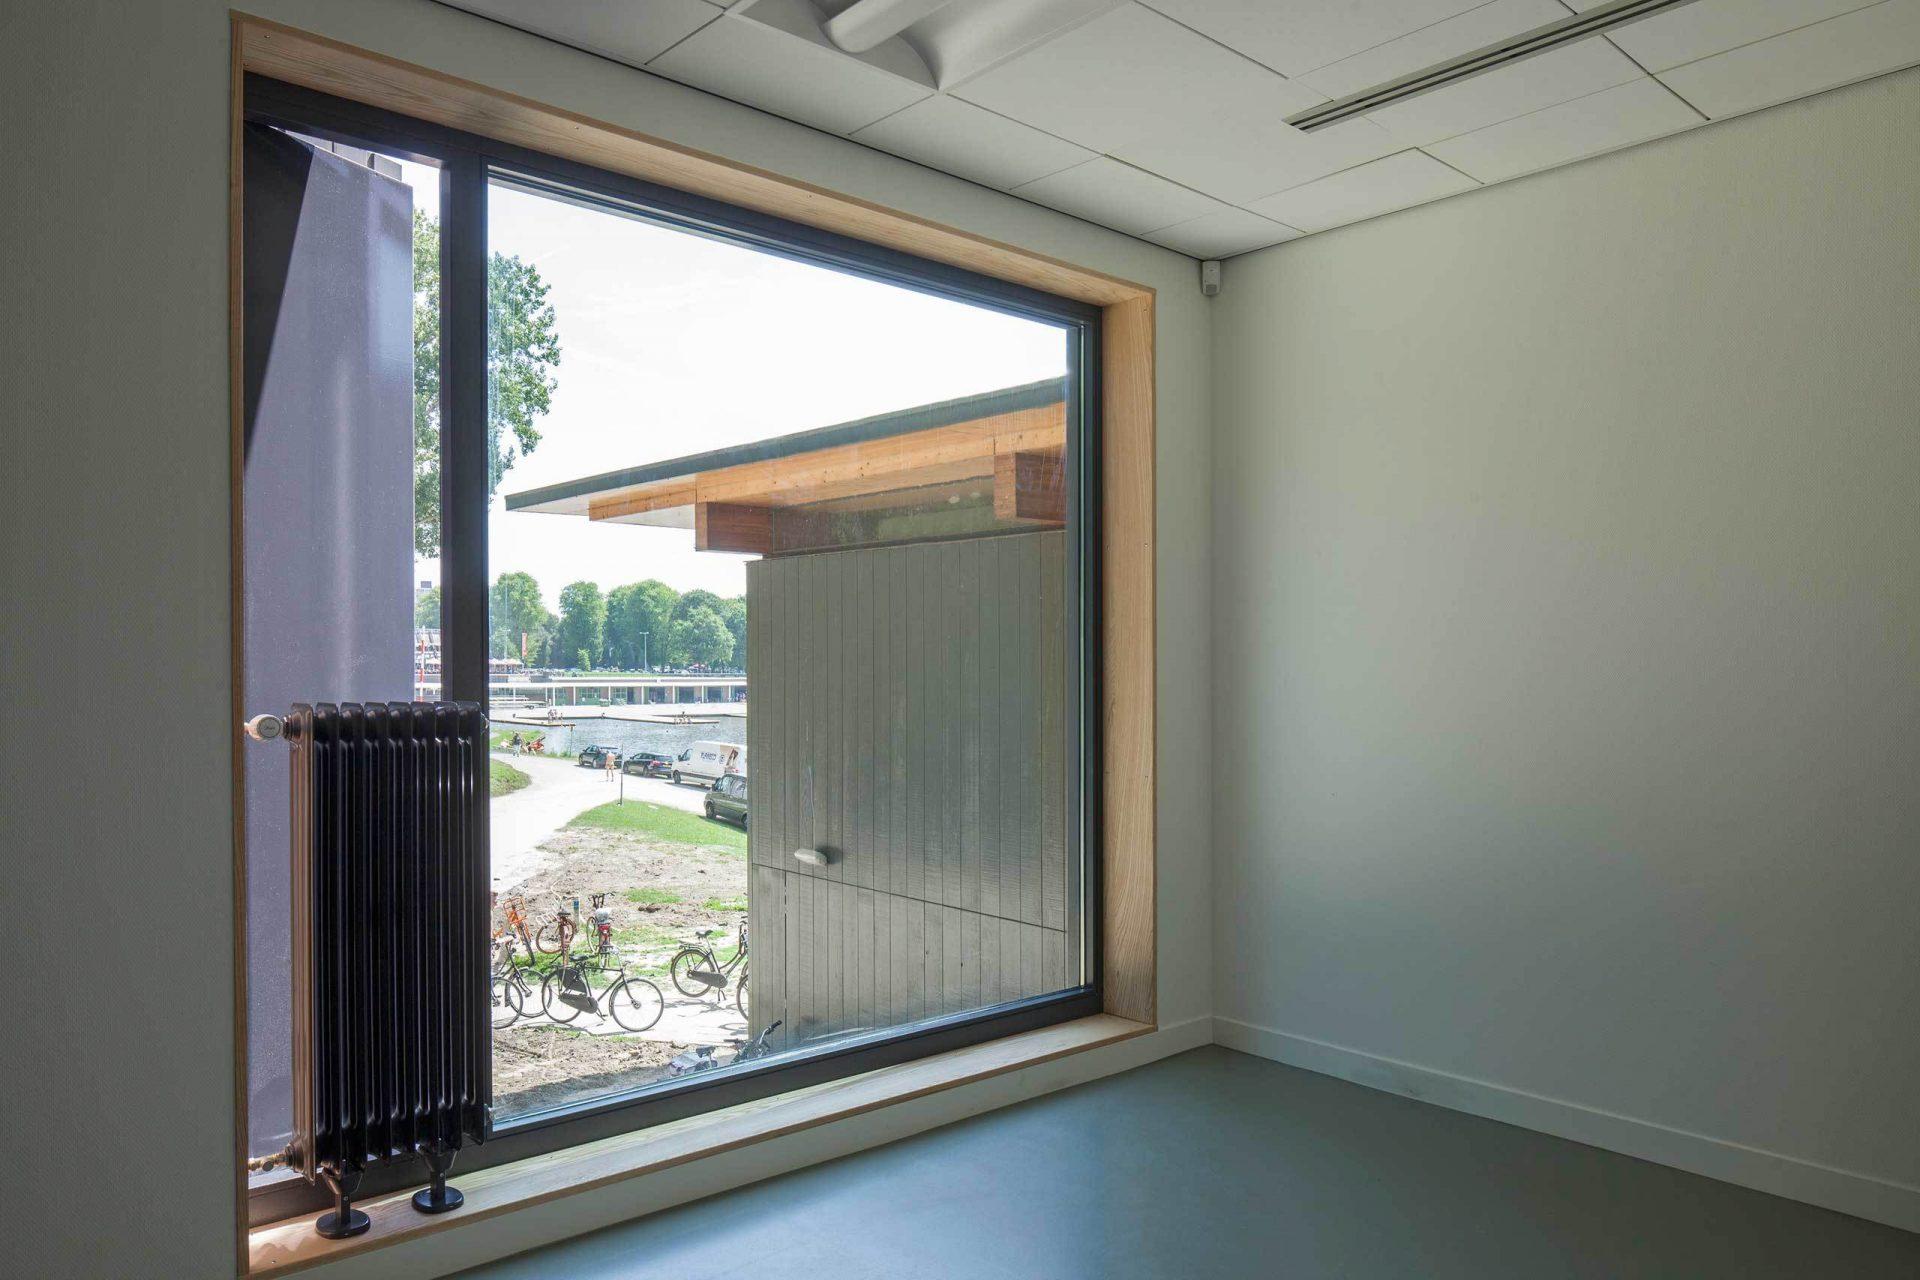 Roigenbouw Window